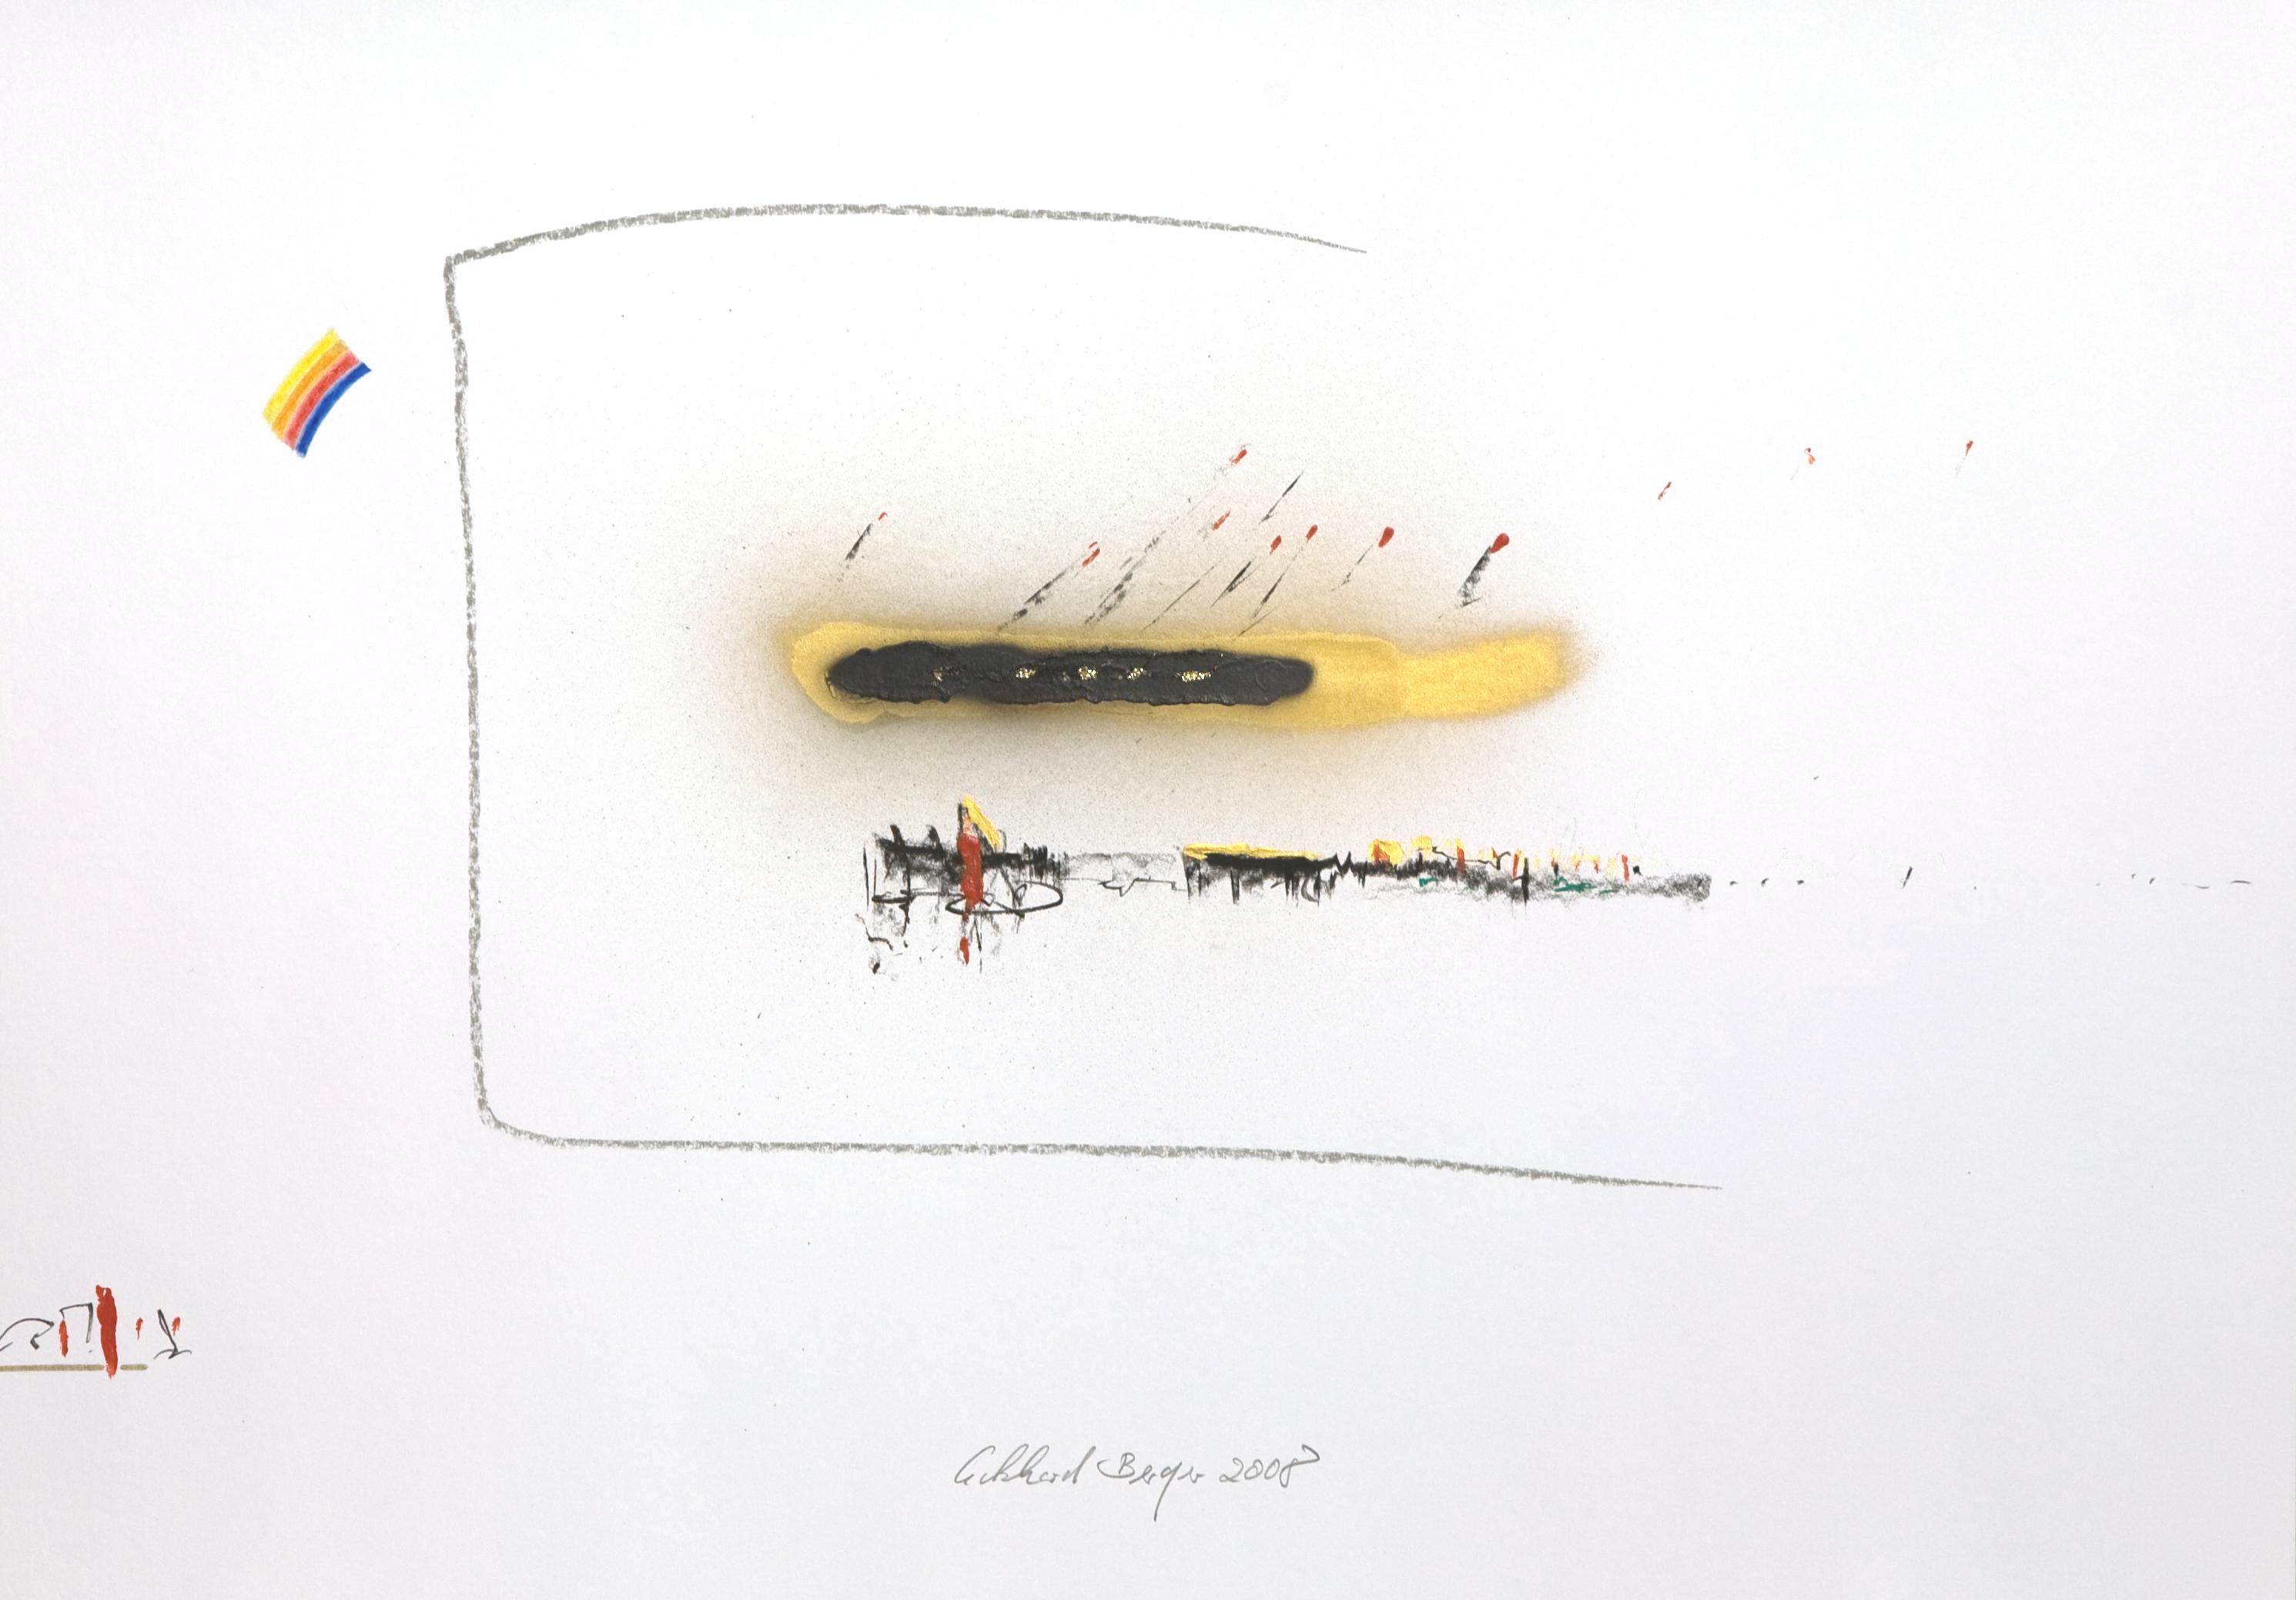 Eckhard Berger Kunstwerk Bild 22